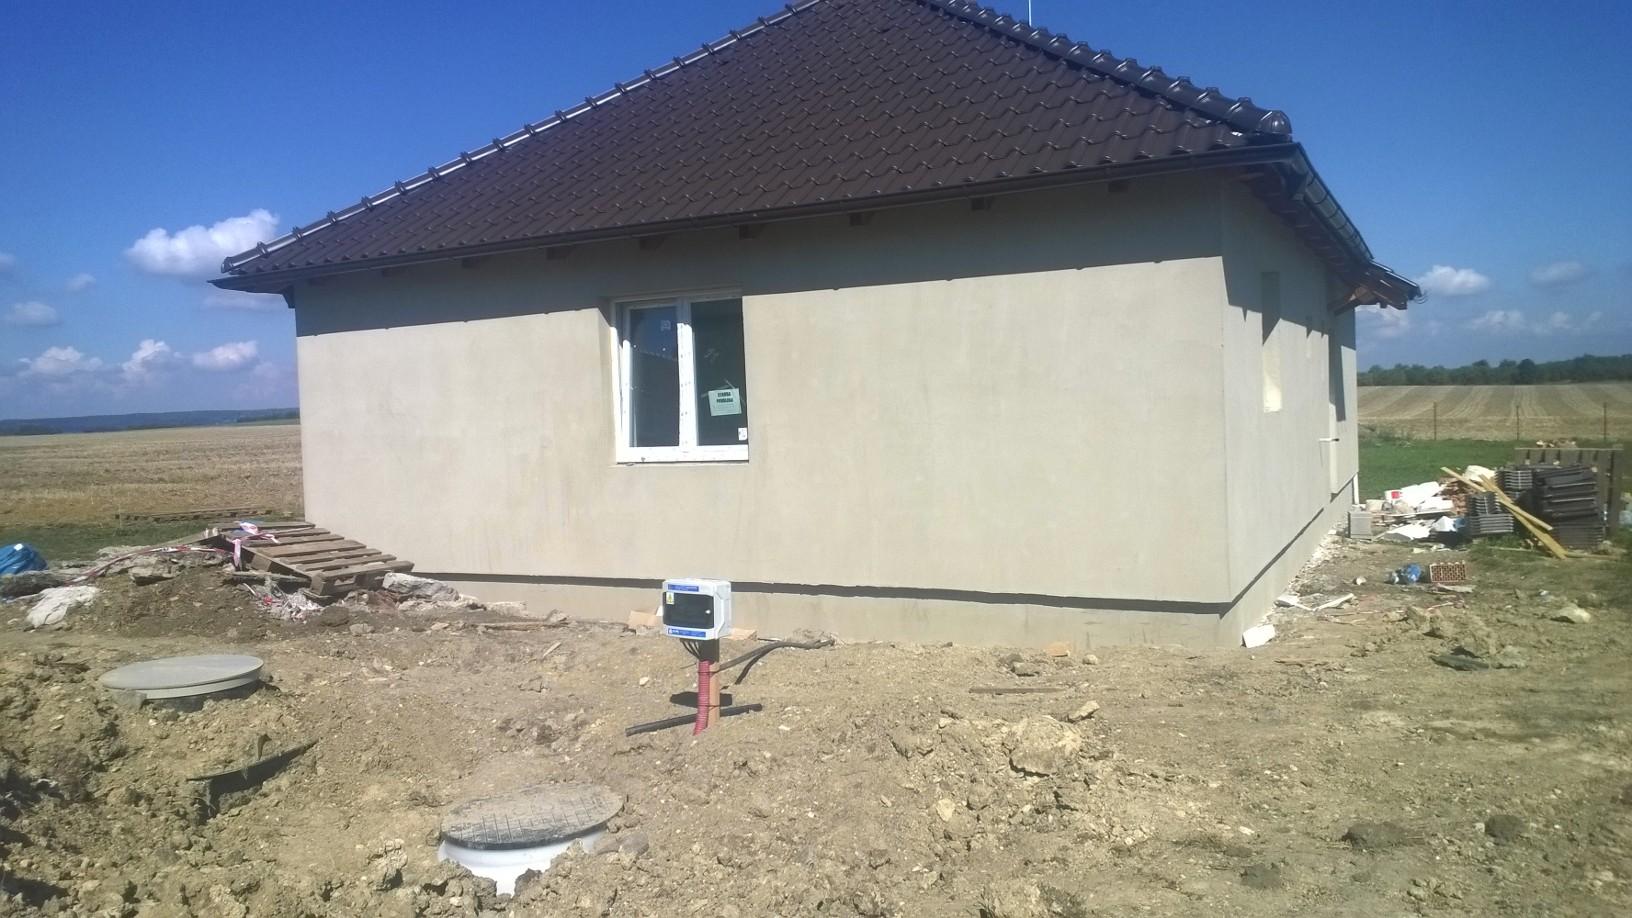 Pohled na dům s jímkou a vodoměrnou šachtou